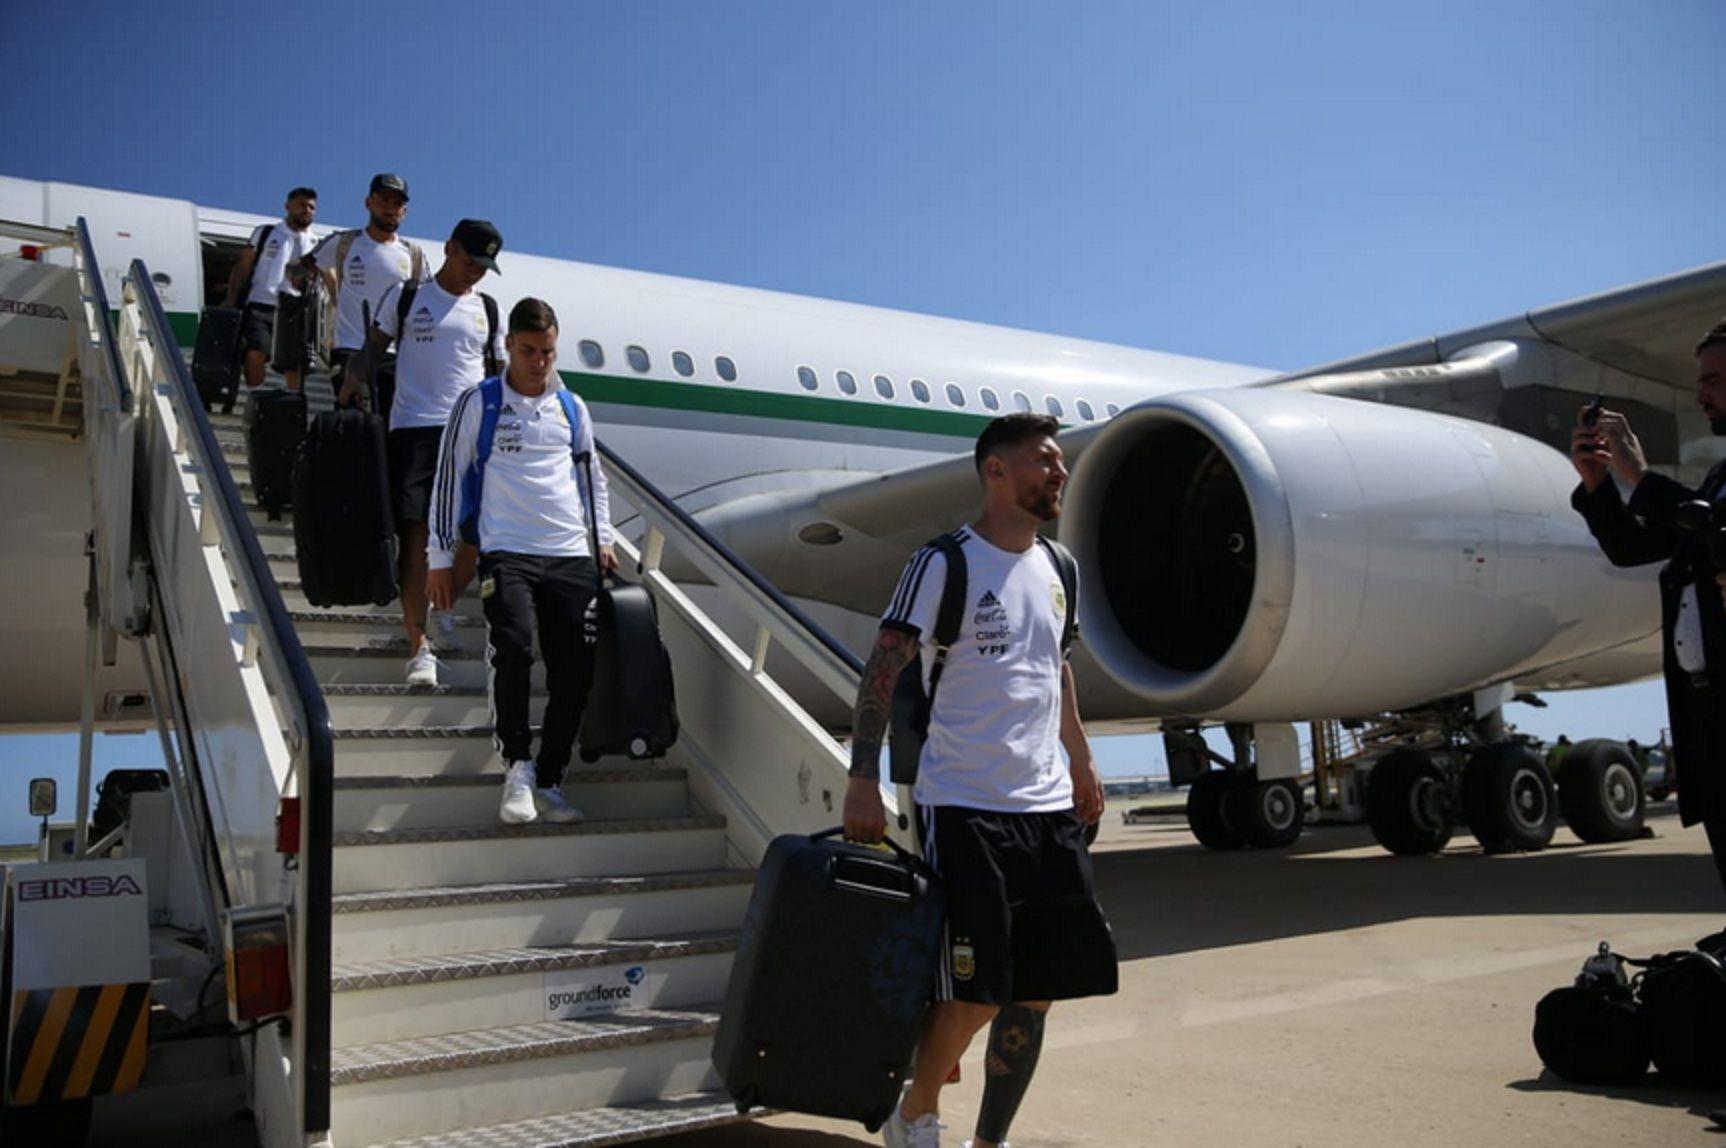 La Selección llegó a Barcelona: Ya estamos en casa, dijo Messi